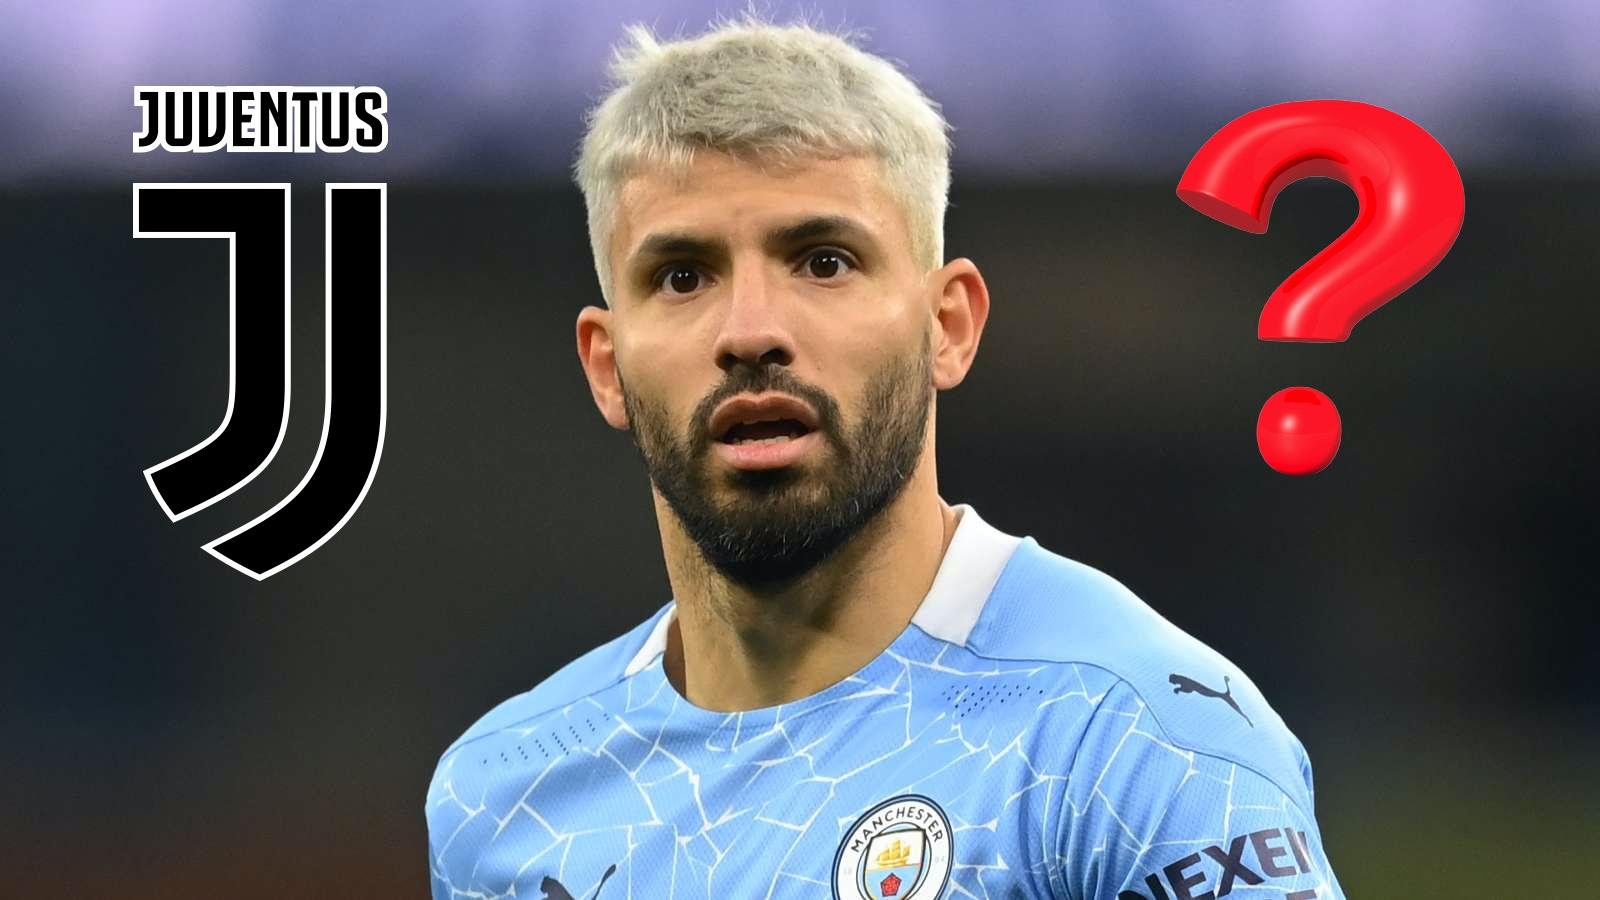 """Causio nói: """"Aguero sẽ thành công như Tevez"""" - Tiền đạo của Manchester City là sự lựa chọn """"hoàn hảo"""" cho Juventus"""